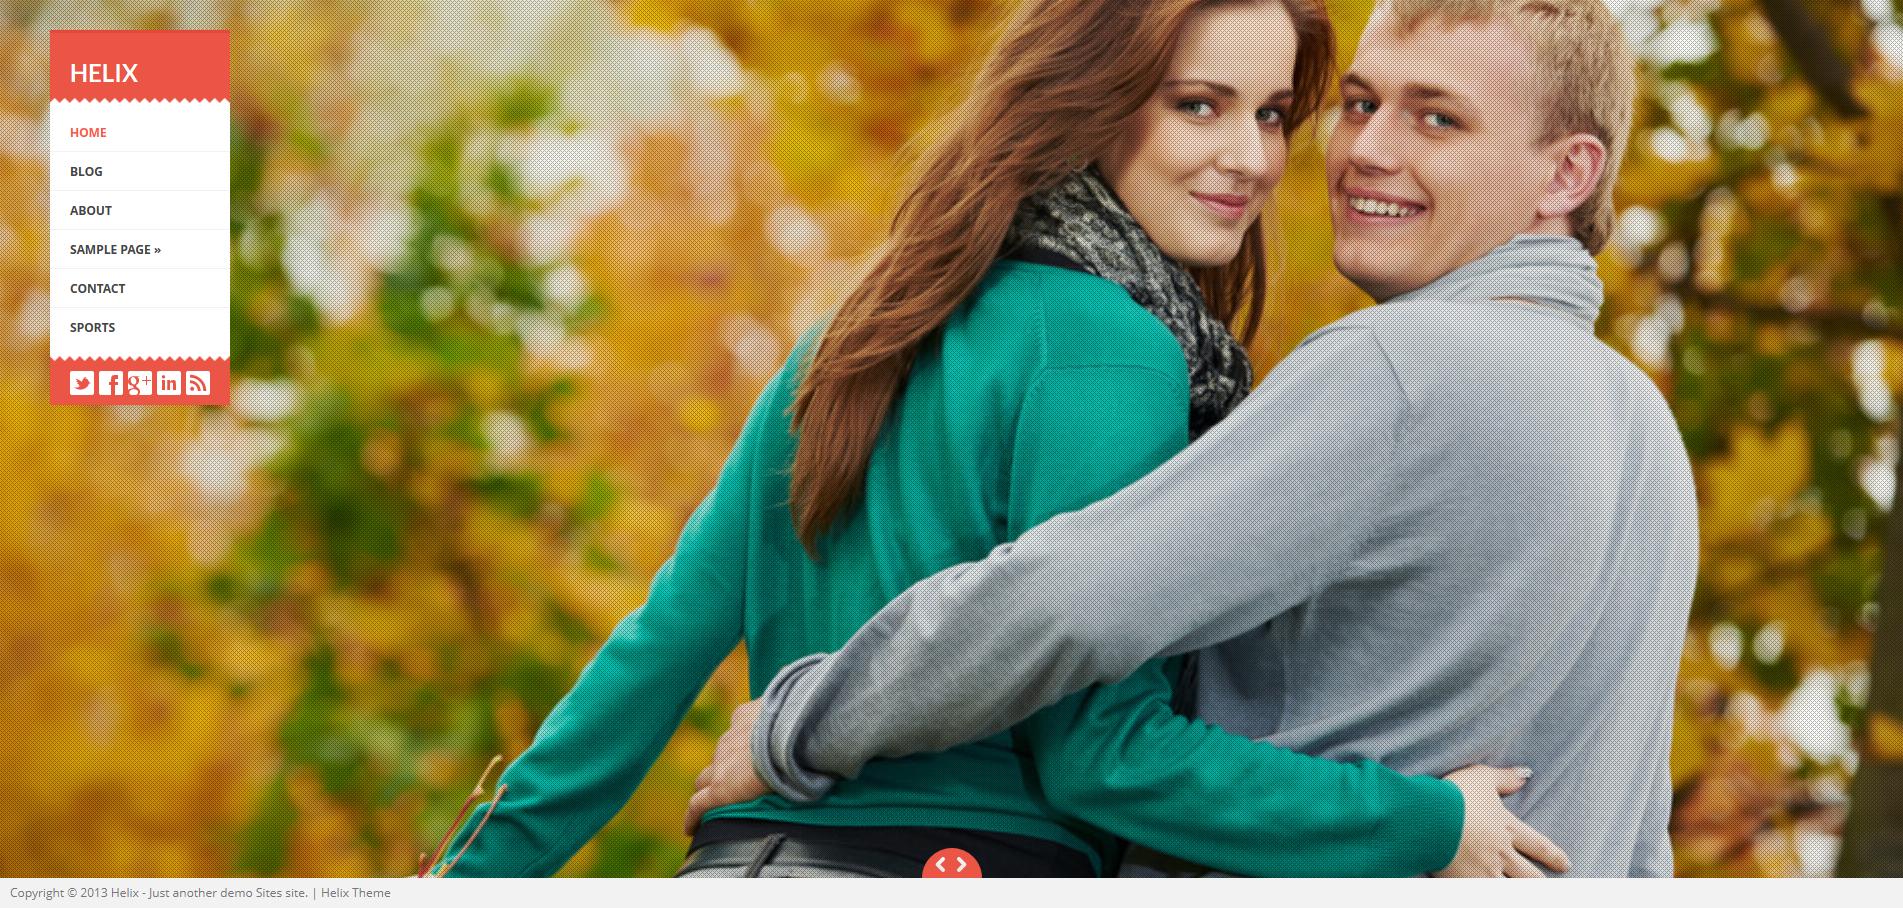 Тест на совместимость для двоих в сексе 19 фотография